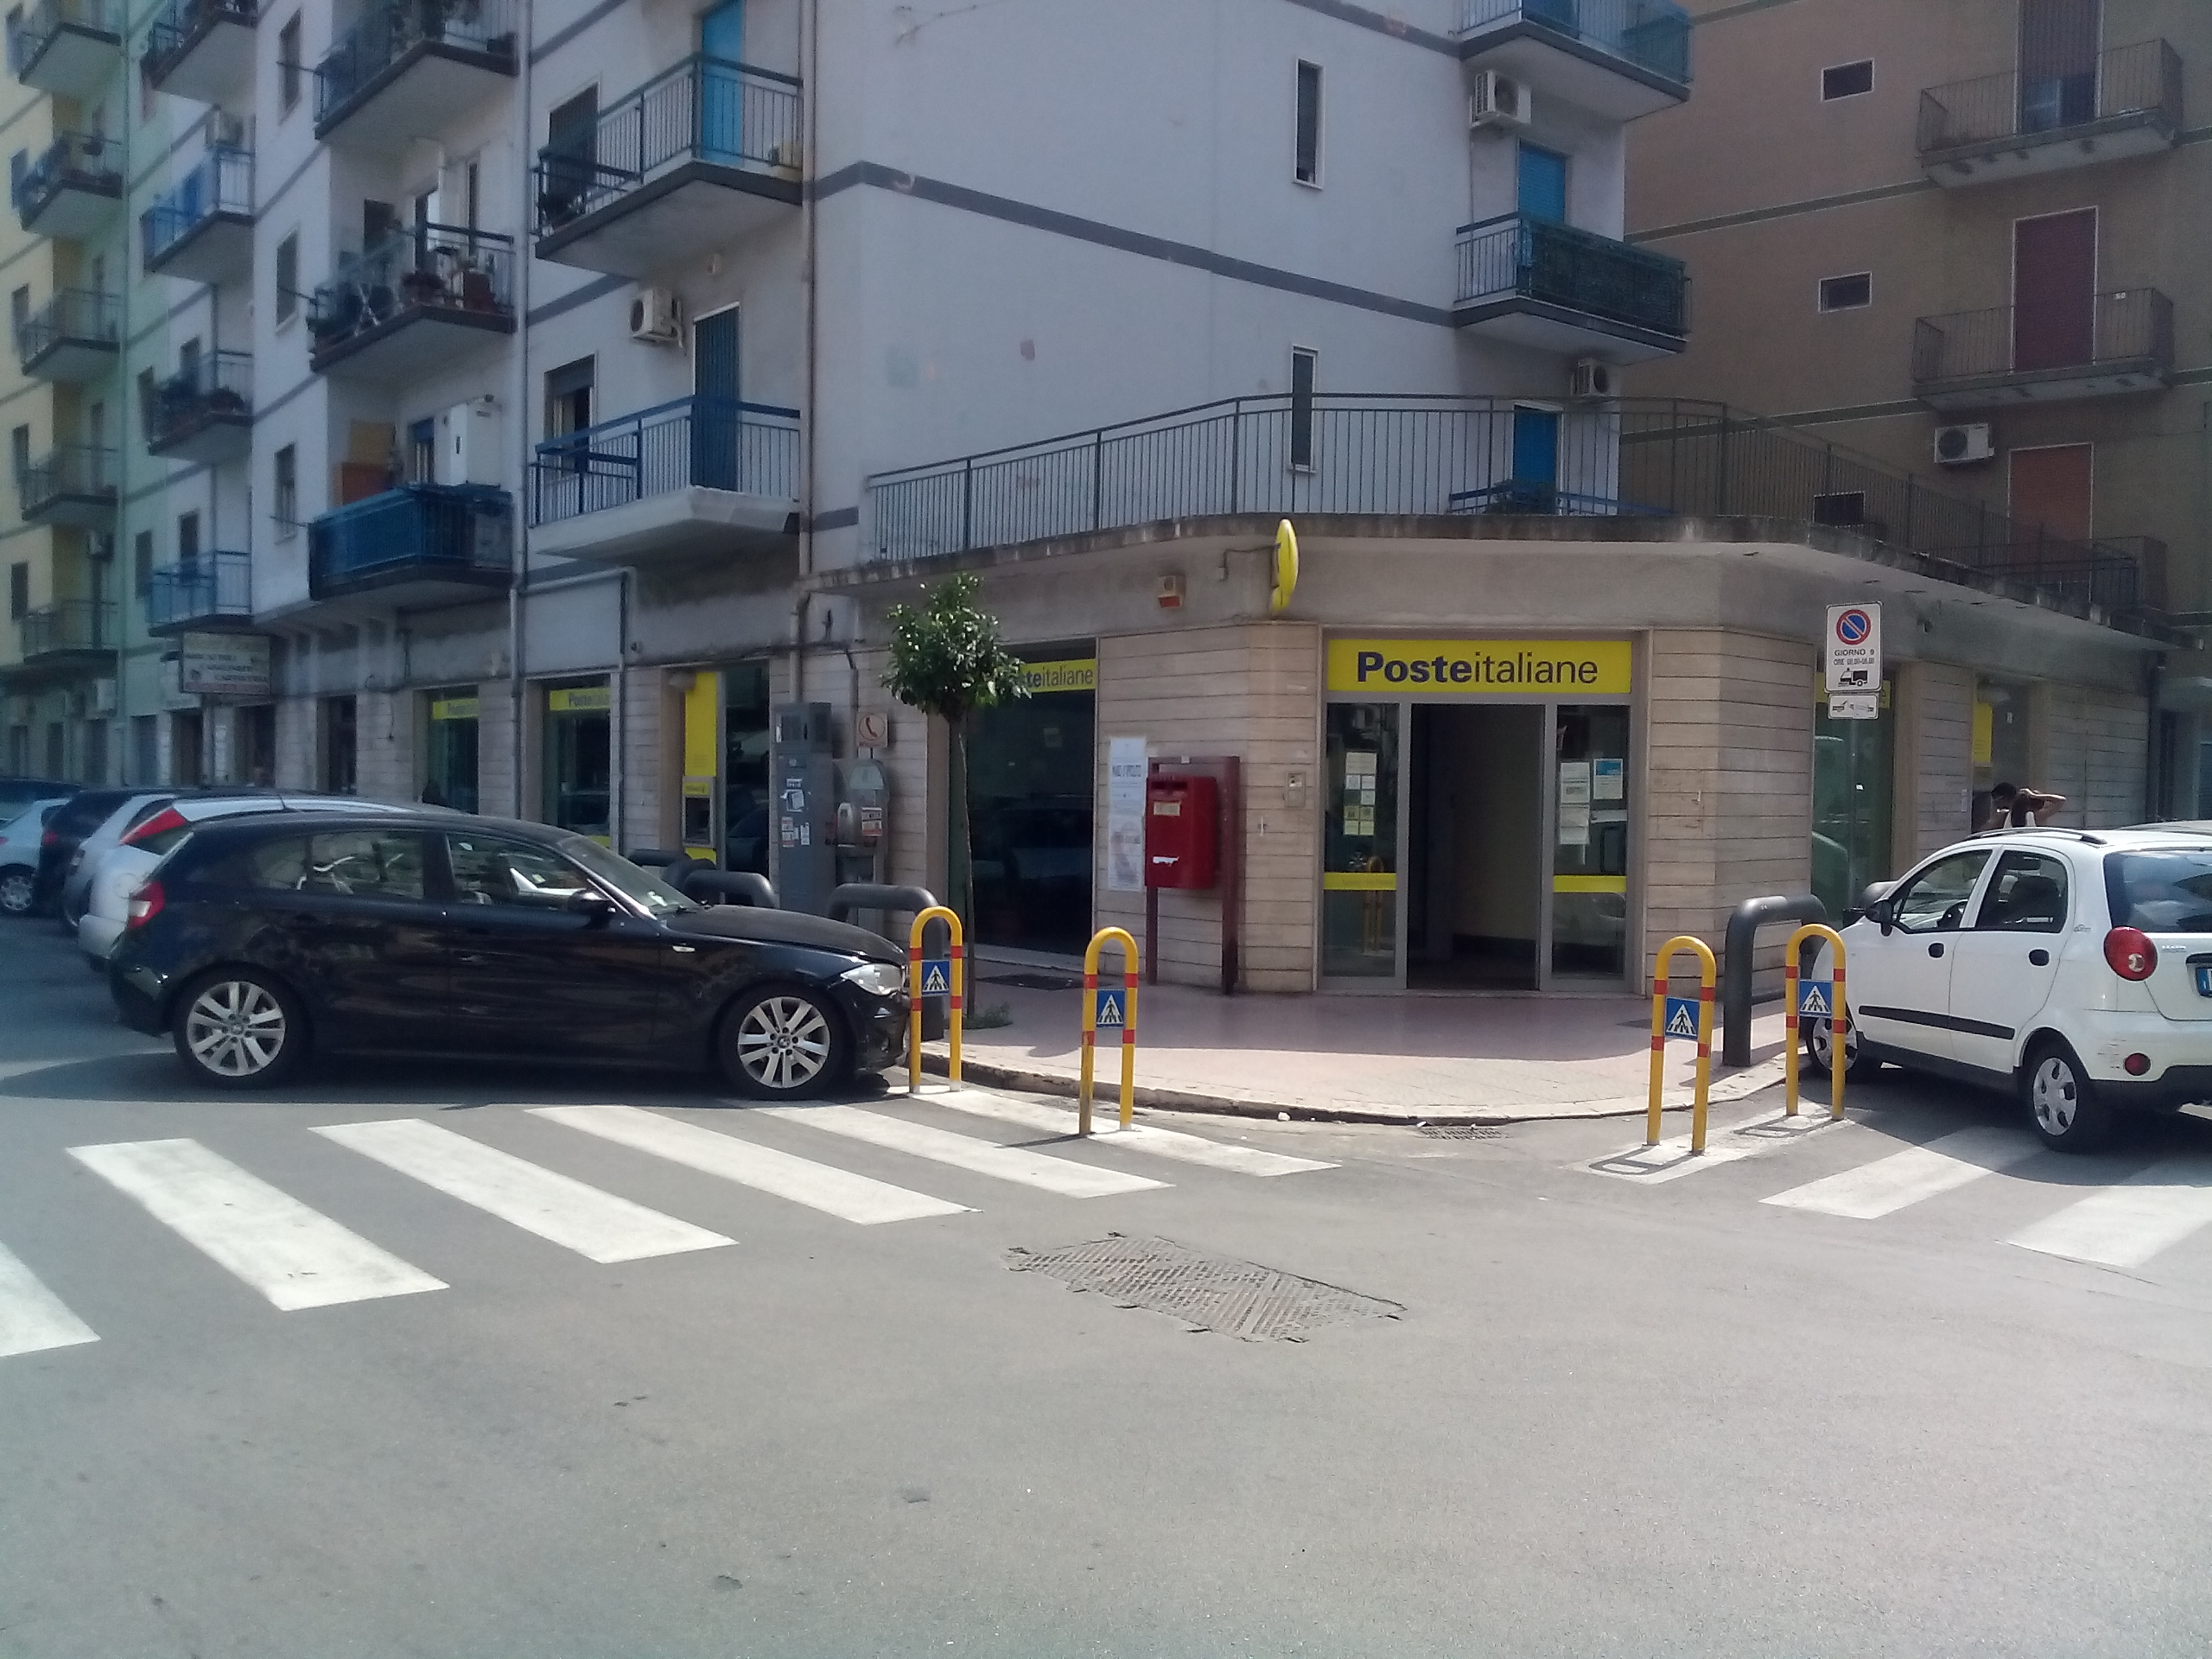 Taranto – Locale adibito a Poste Italiane